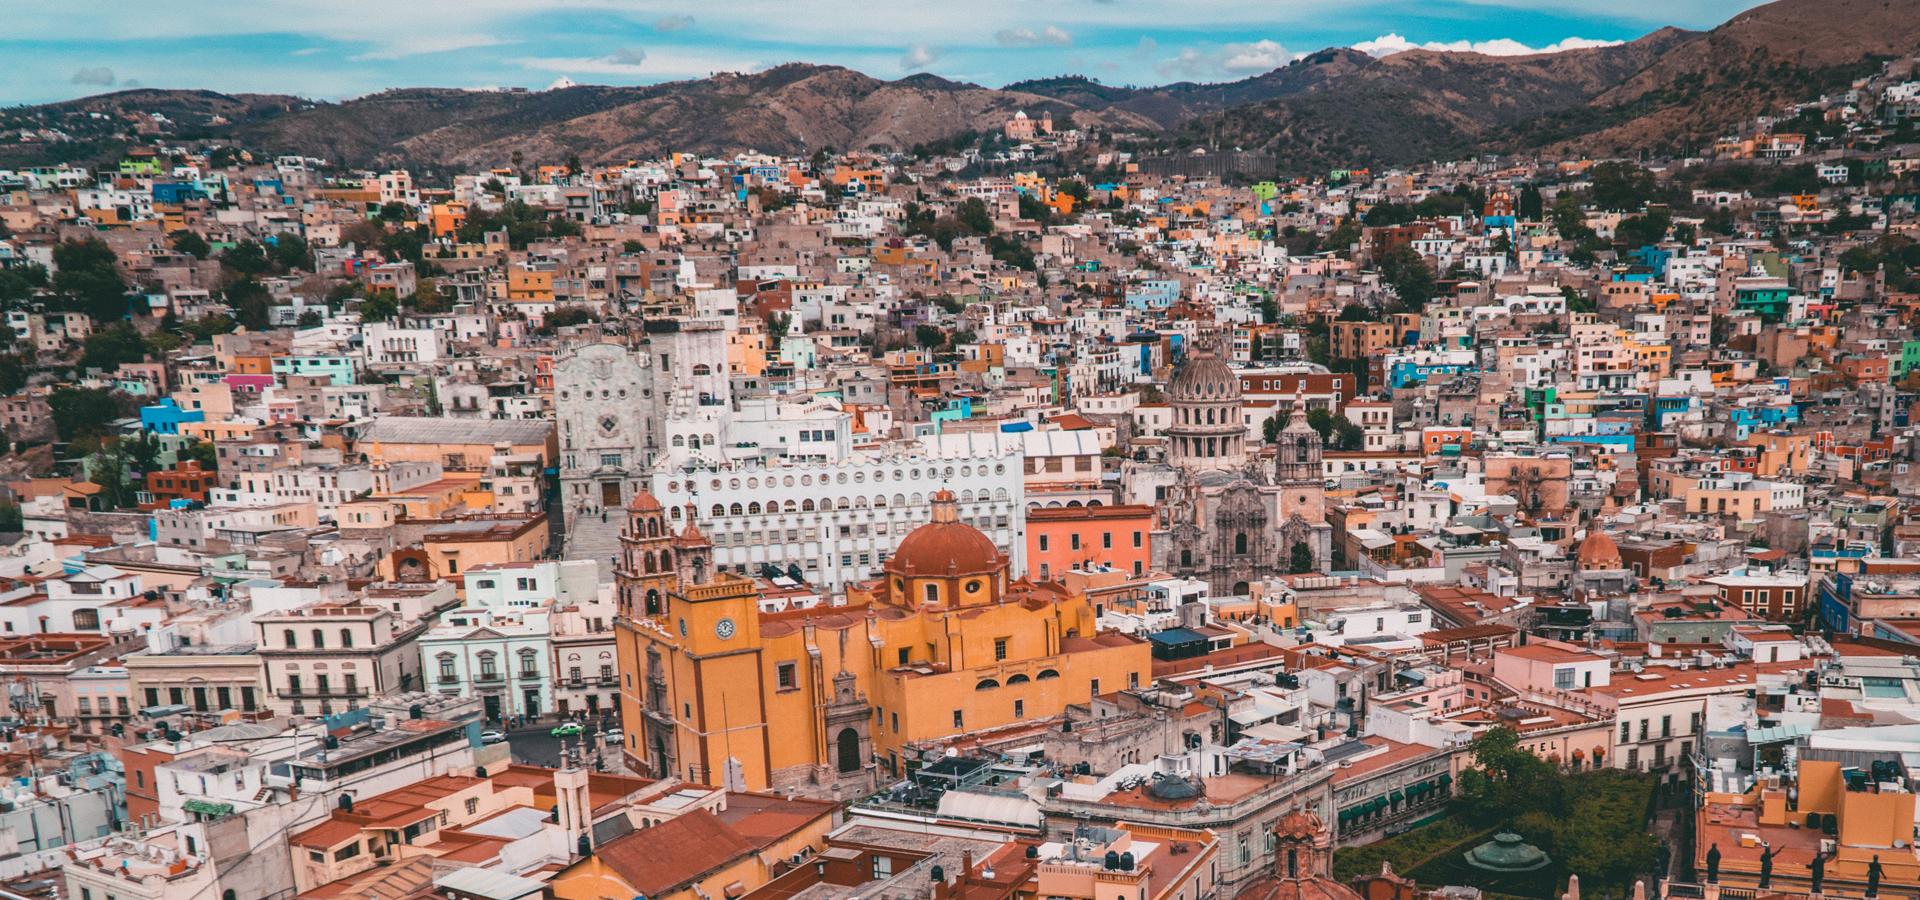 <b>America/Mexico_City/Guanajuato</b>